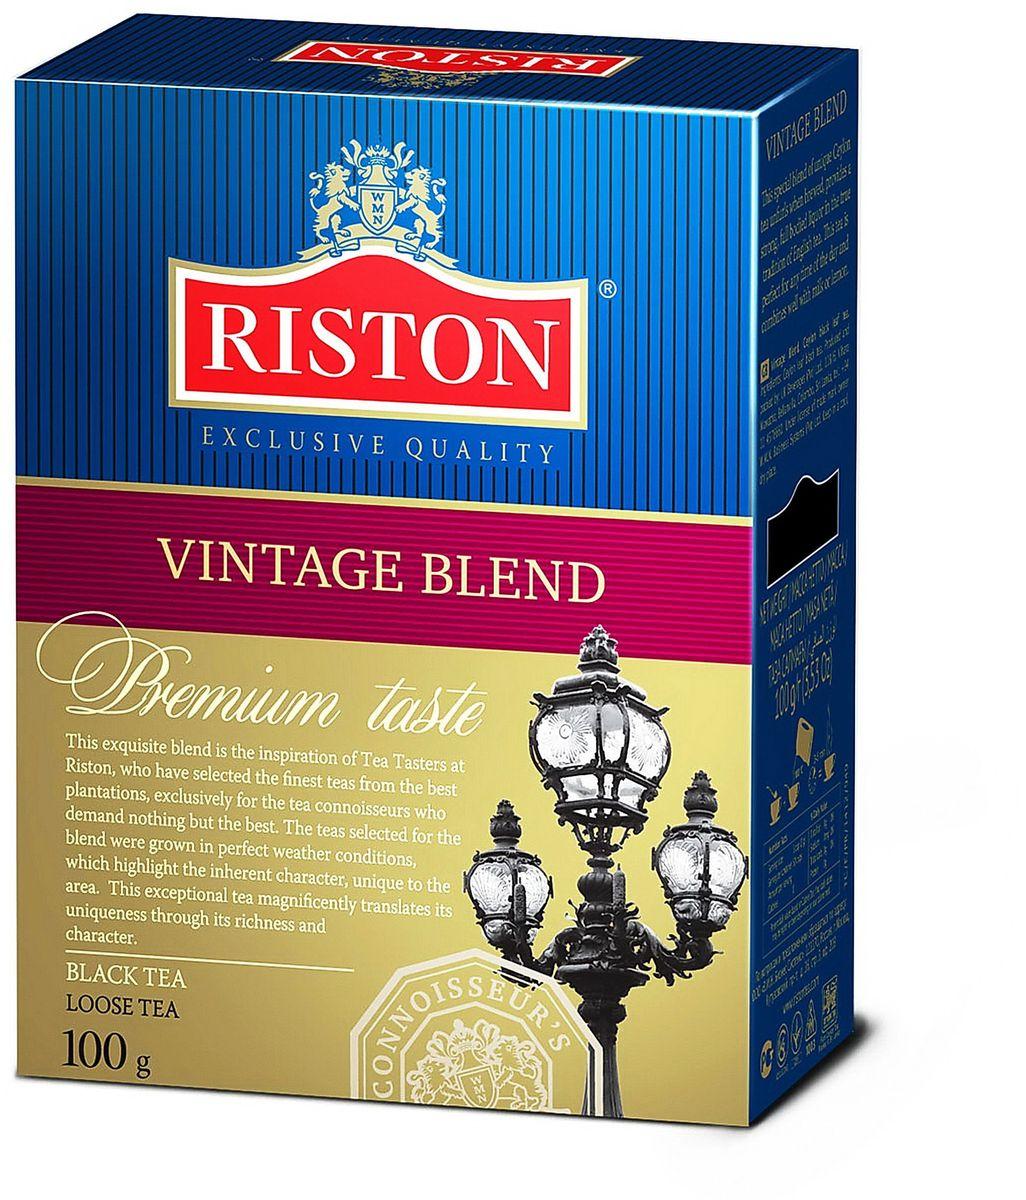 Фото - Riston Винтэйдж Бленд черный листовой чай, 100 г riston элитный английский черный листовой чай 200 г